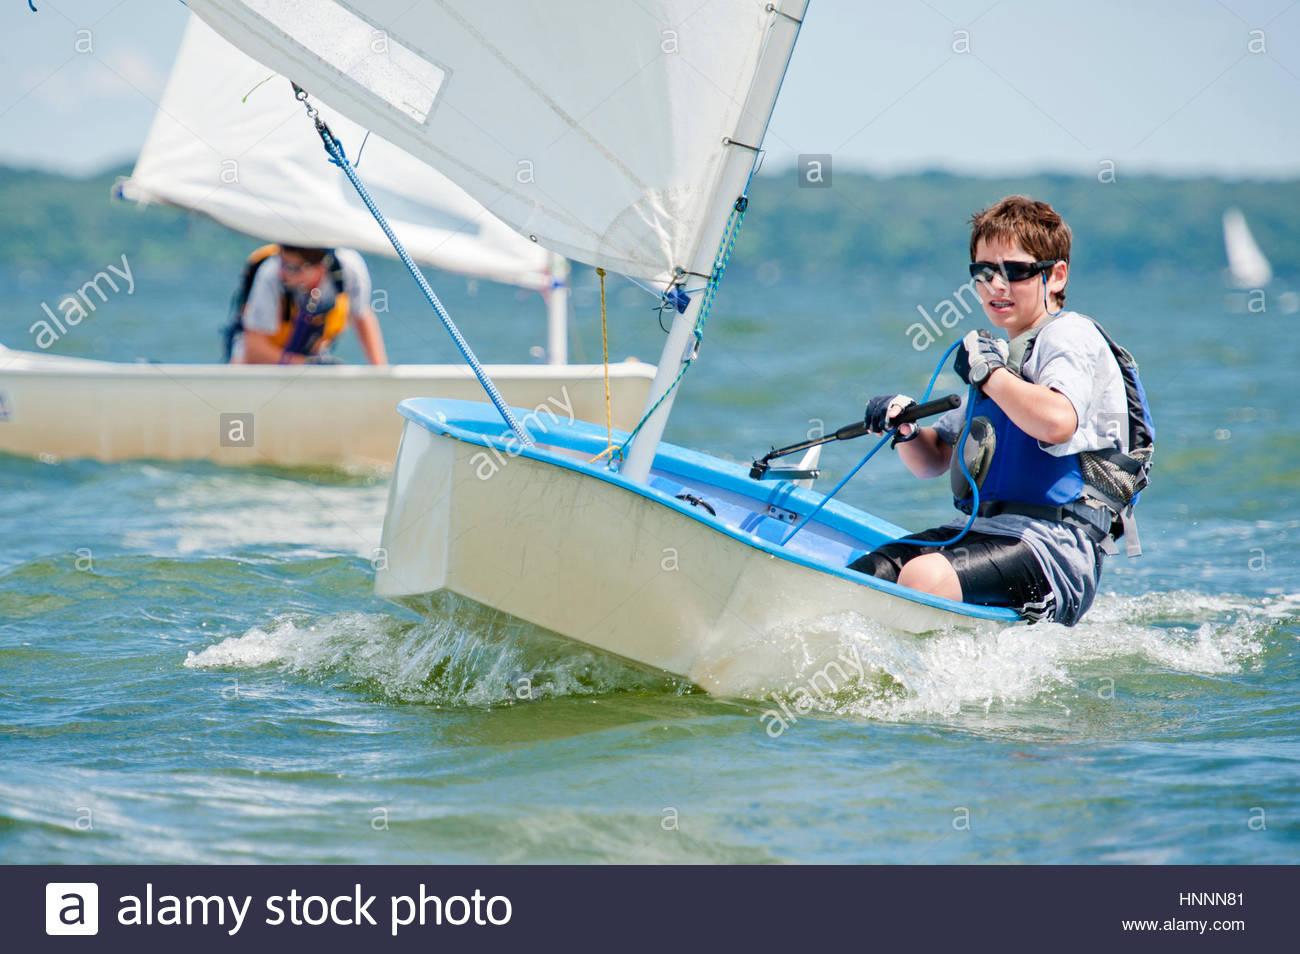 Boy sailing sailboat at sea - Stock Image